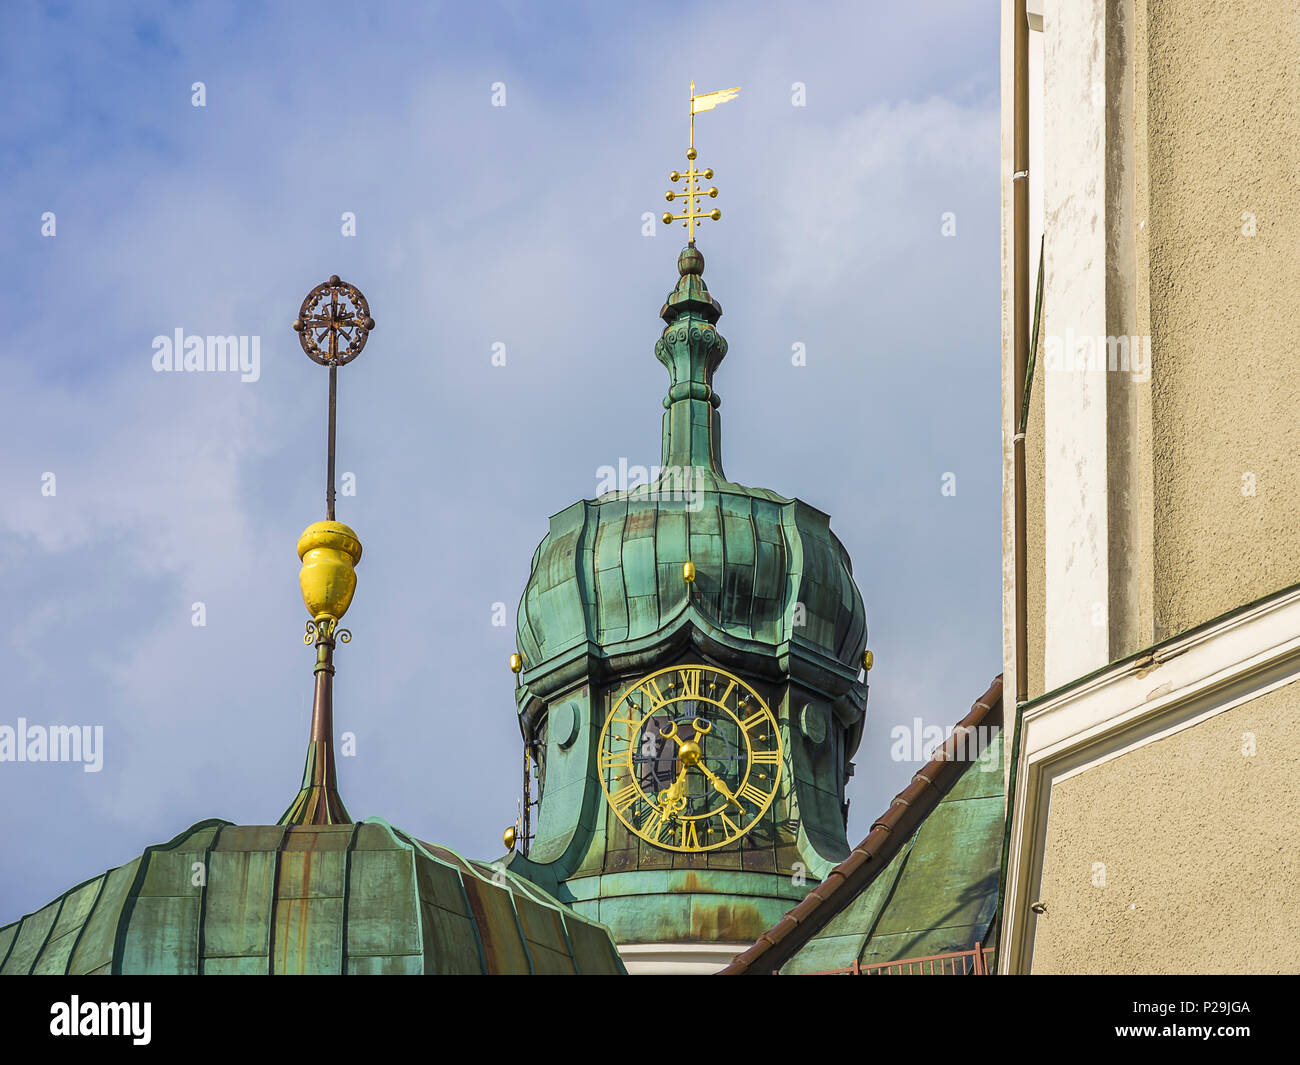 Detail von einem Kirchturm mit der Pfarrkirche St. Peter und Paul in Lindenberg im Allgäu, Bayern, Deutschland. Stockbild